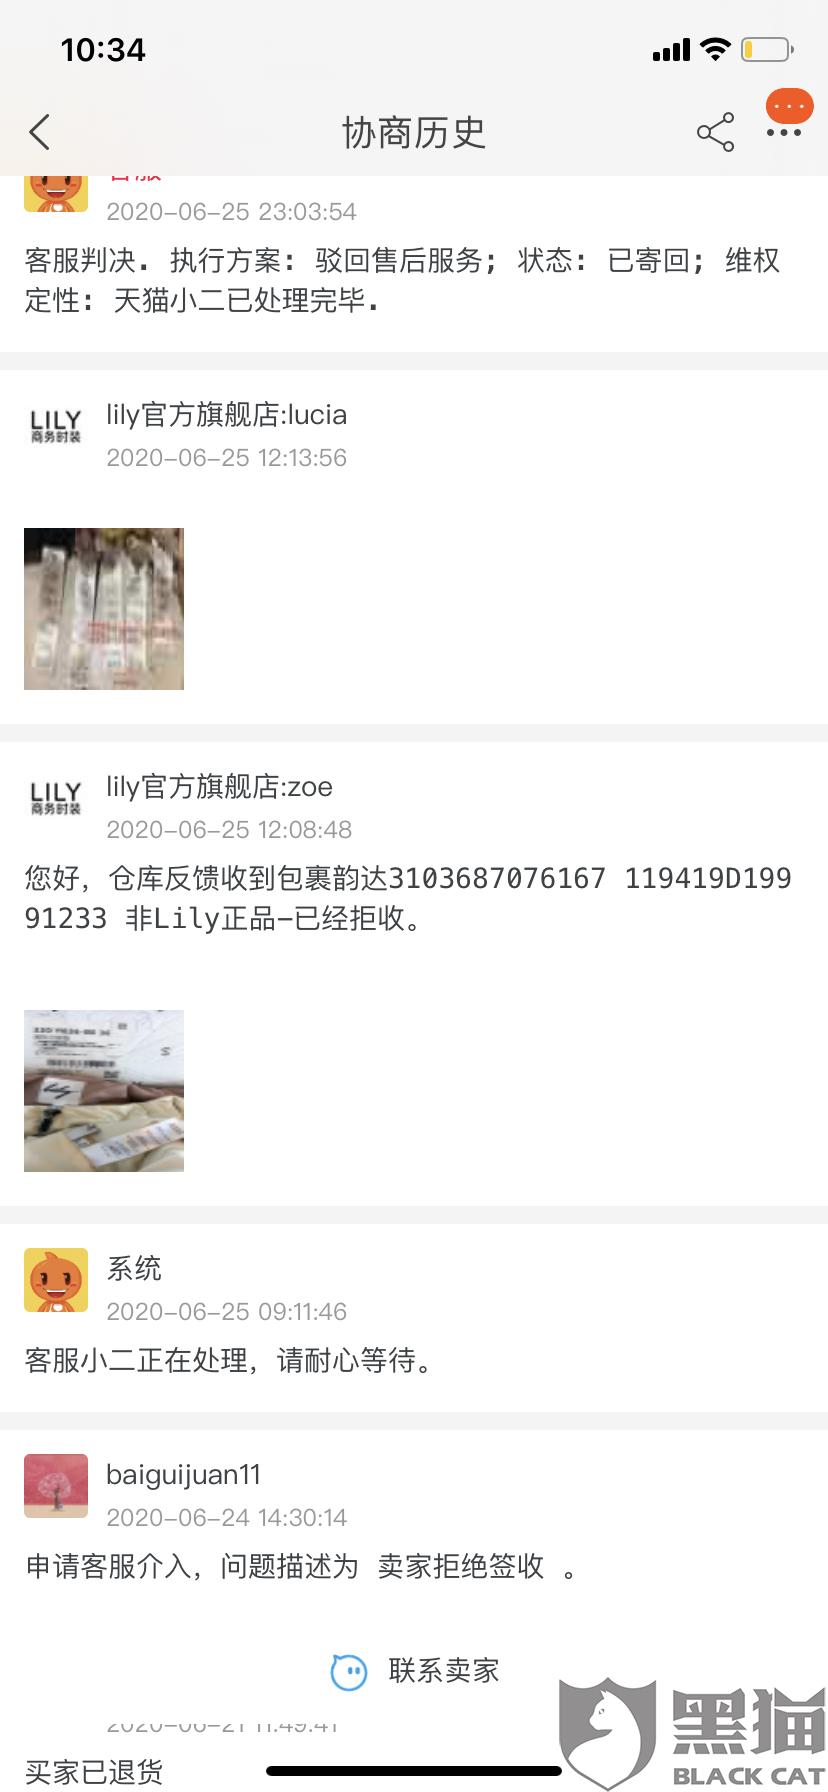 黑猫投诉:Lily官方旗舰店618虚假宣传,欺骗消费者,我退货收到后拒收,说是假货?毁了我